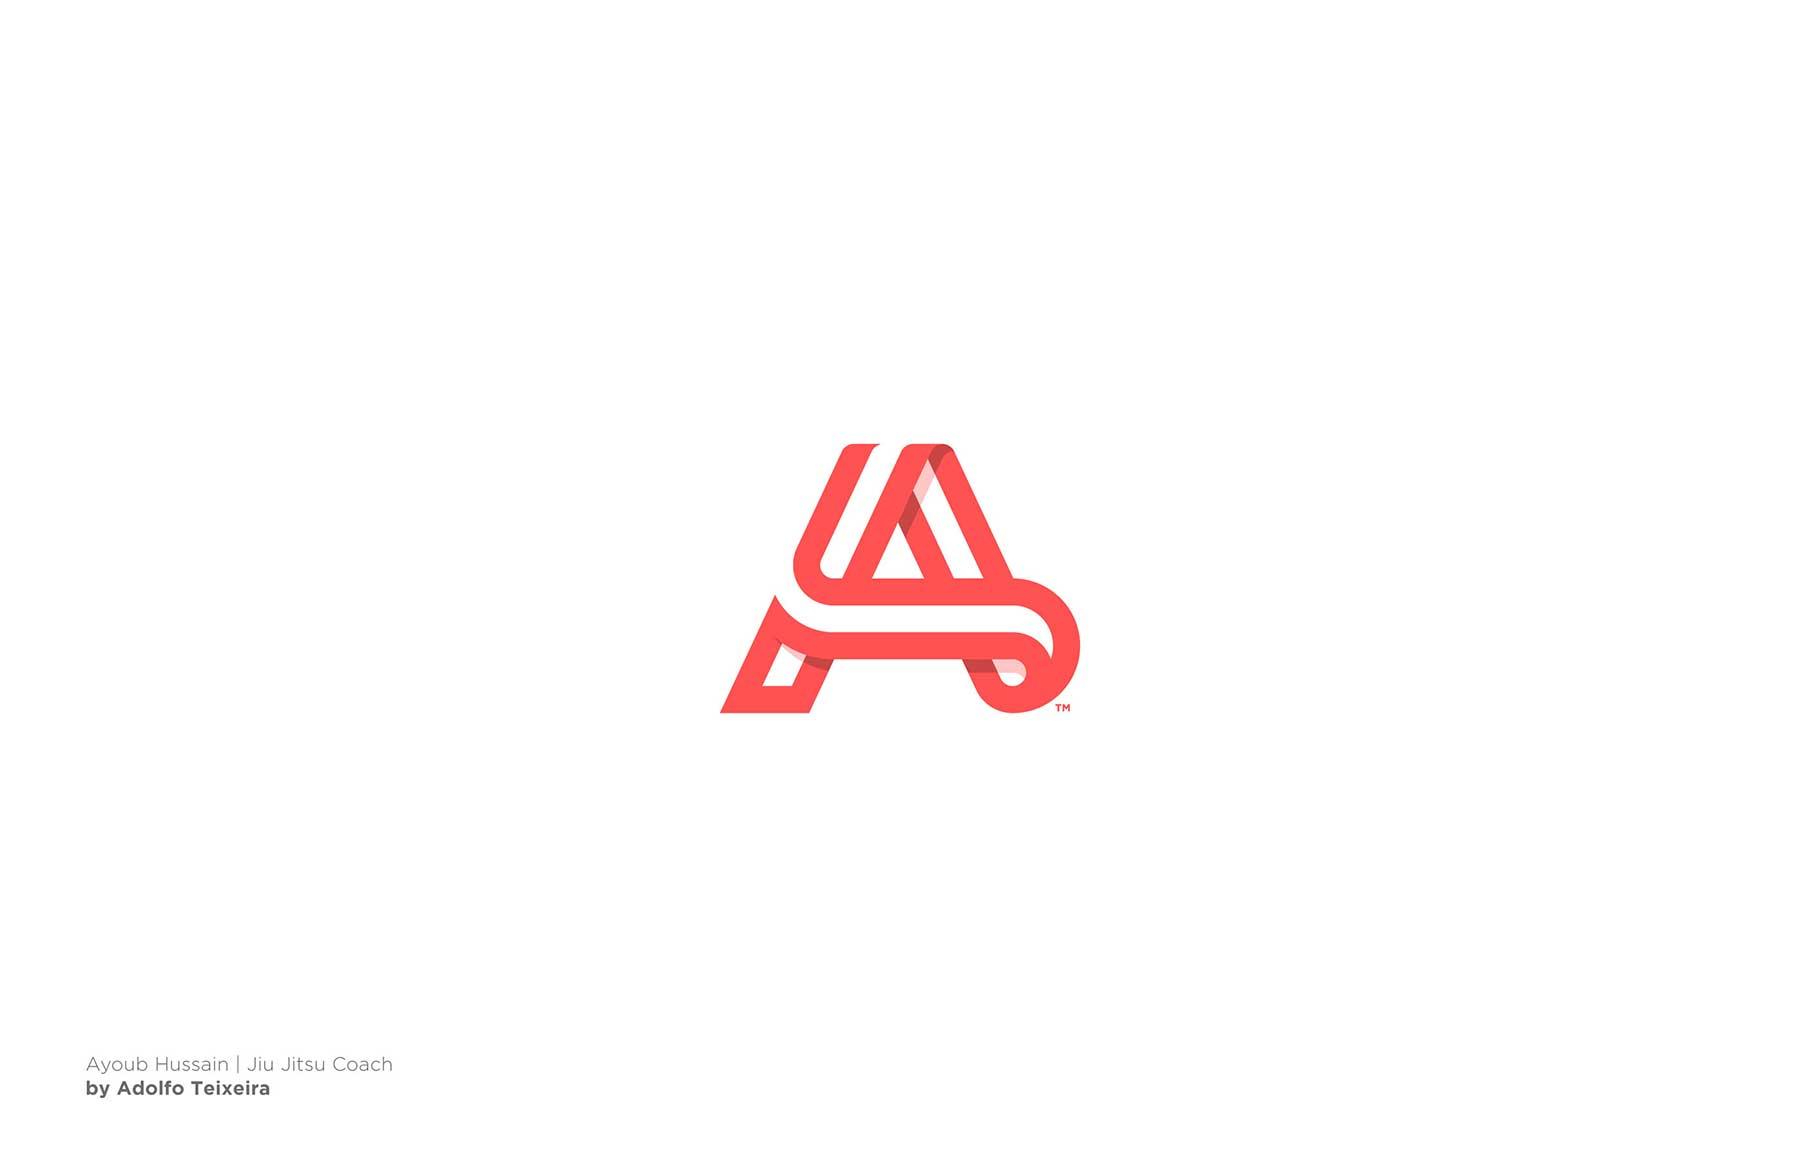 Logo-Designs von Adolfo Teixeira Adolfo-Teixeira_logodesigns_13